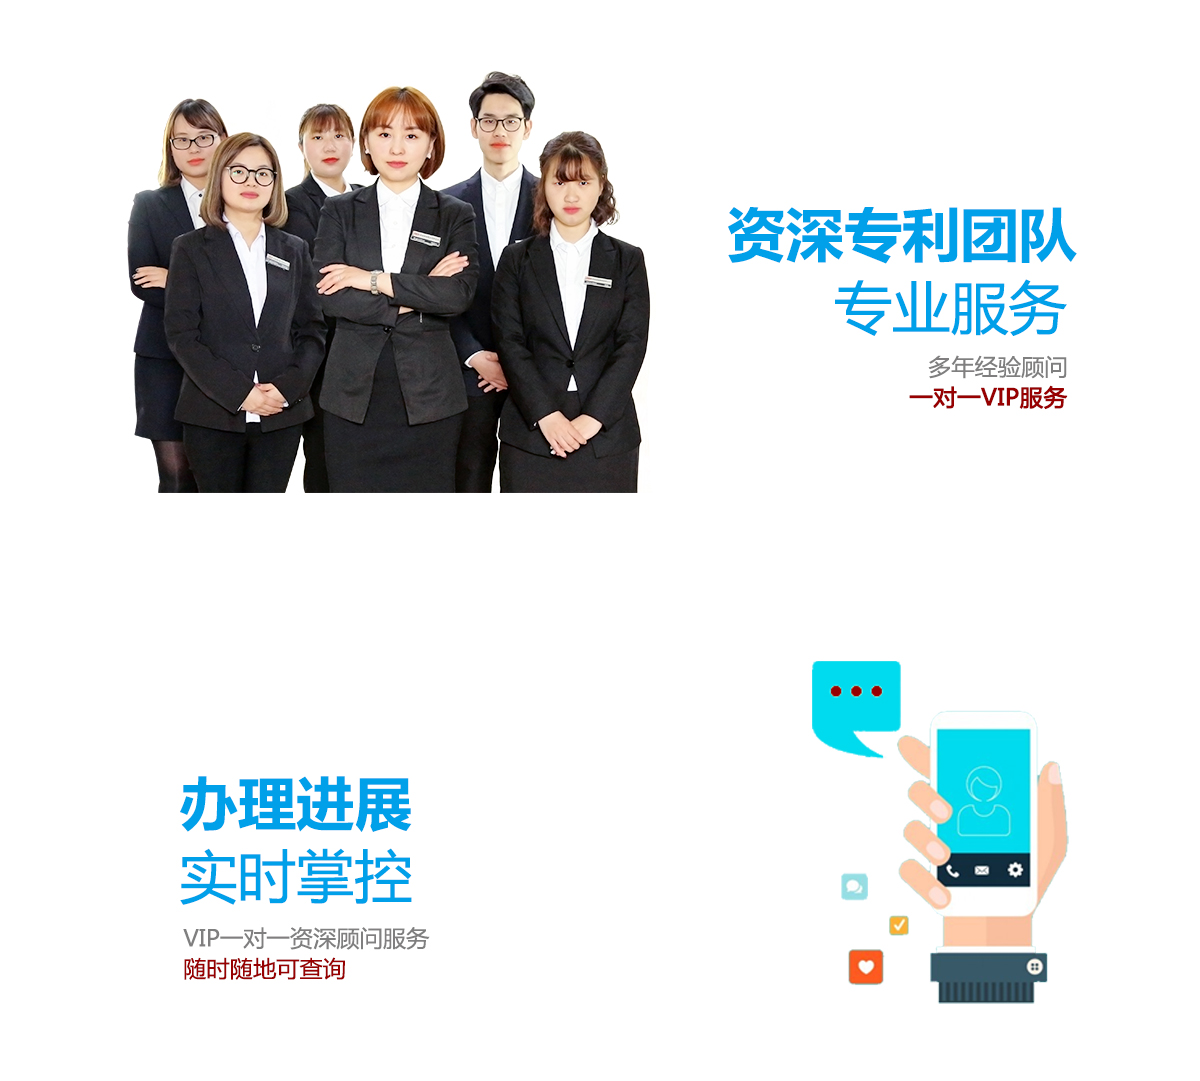 公司名称变更-_06.jpg